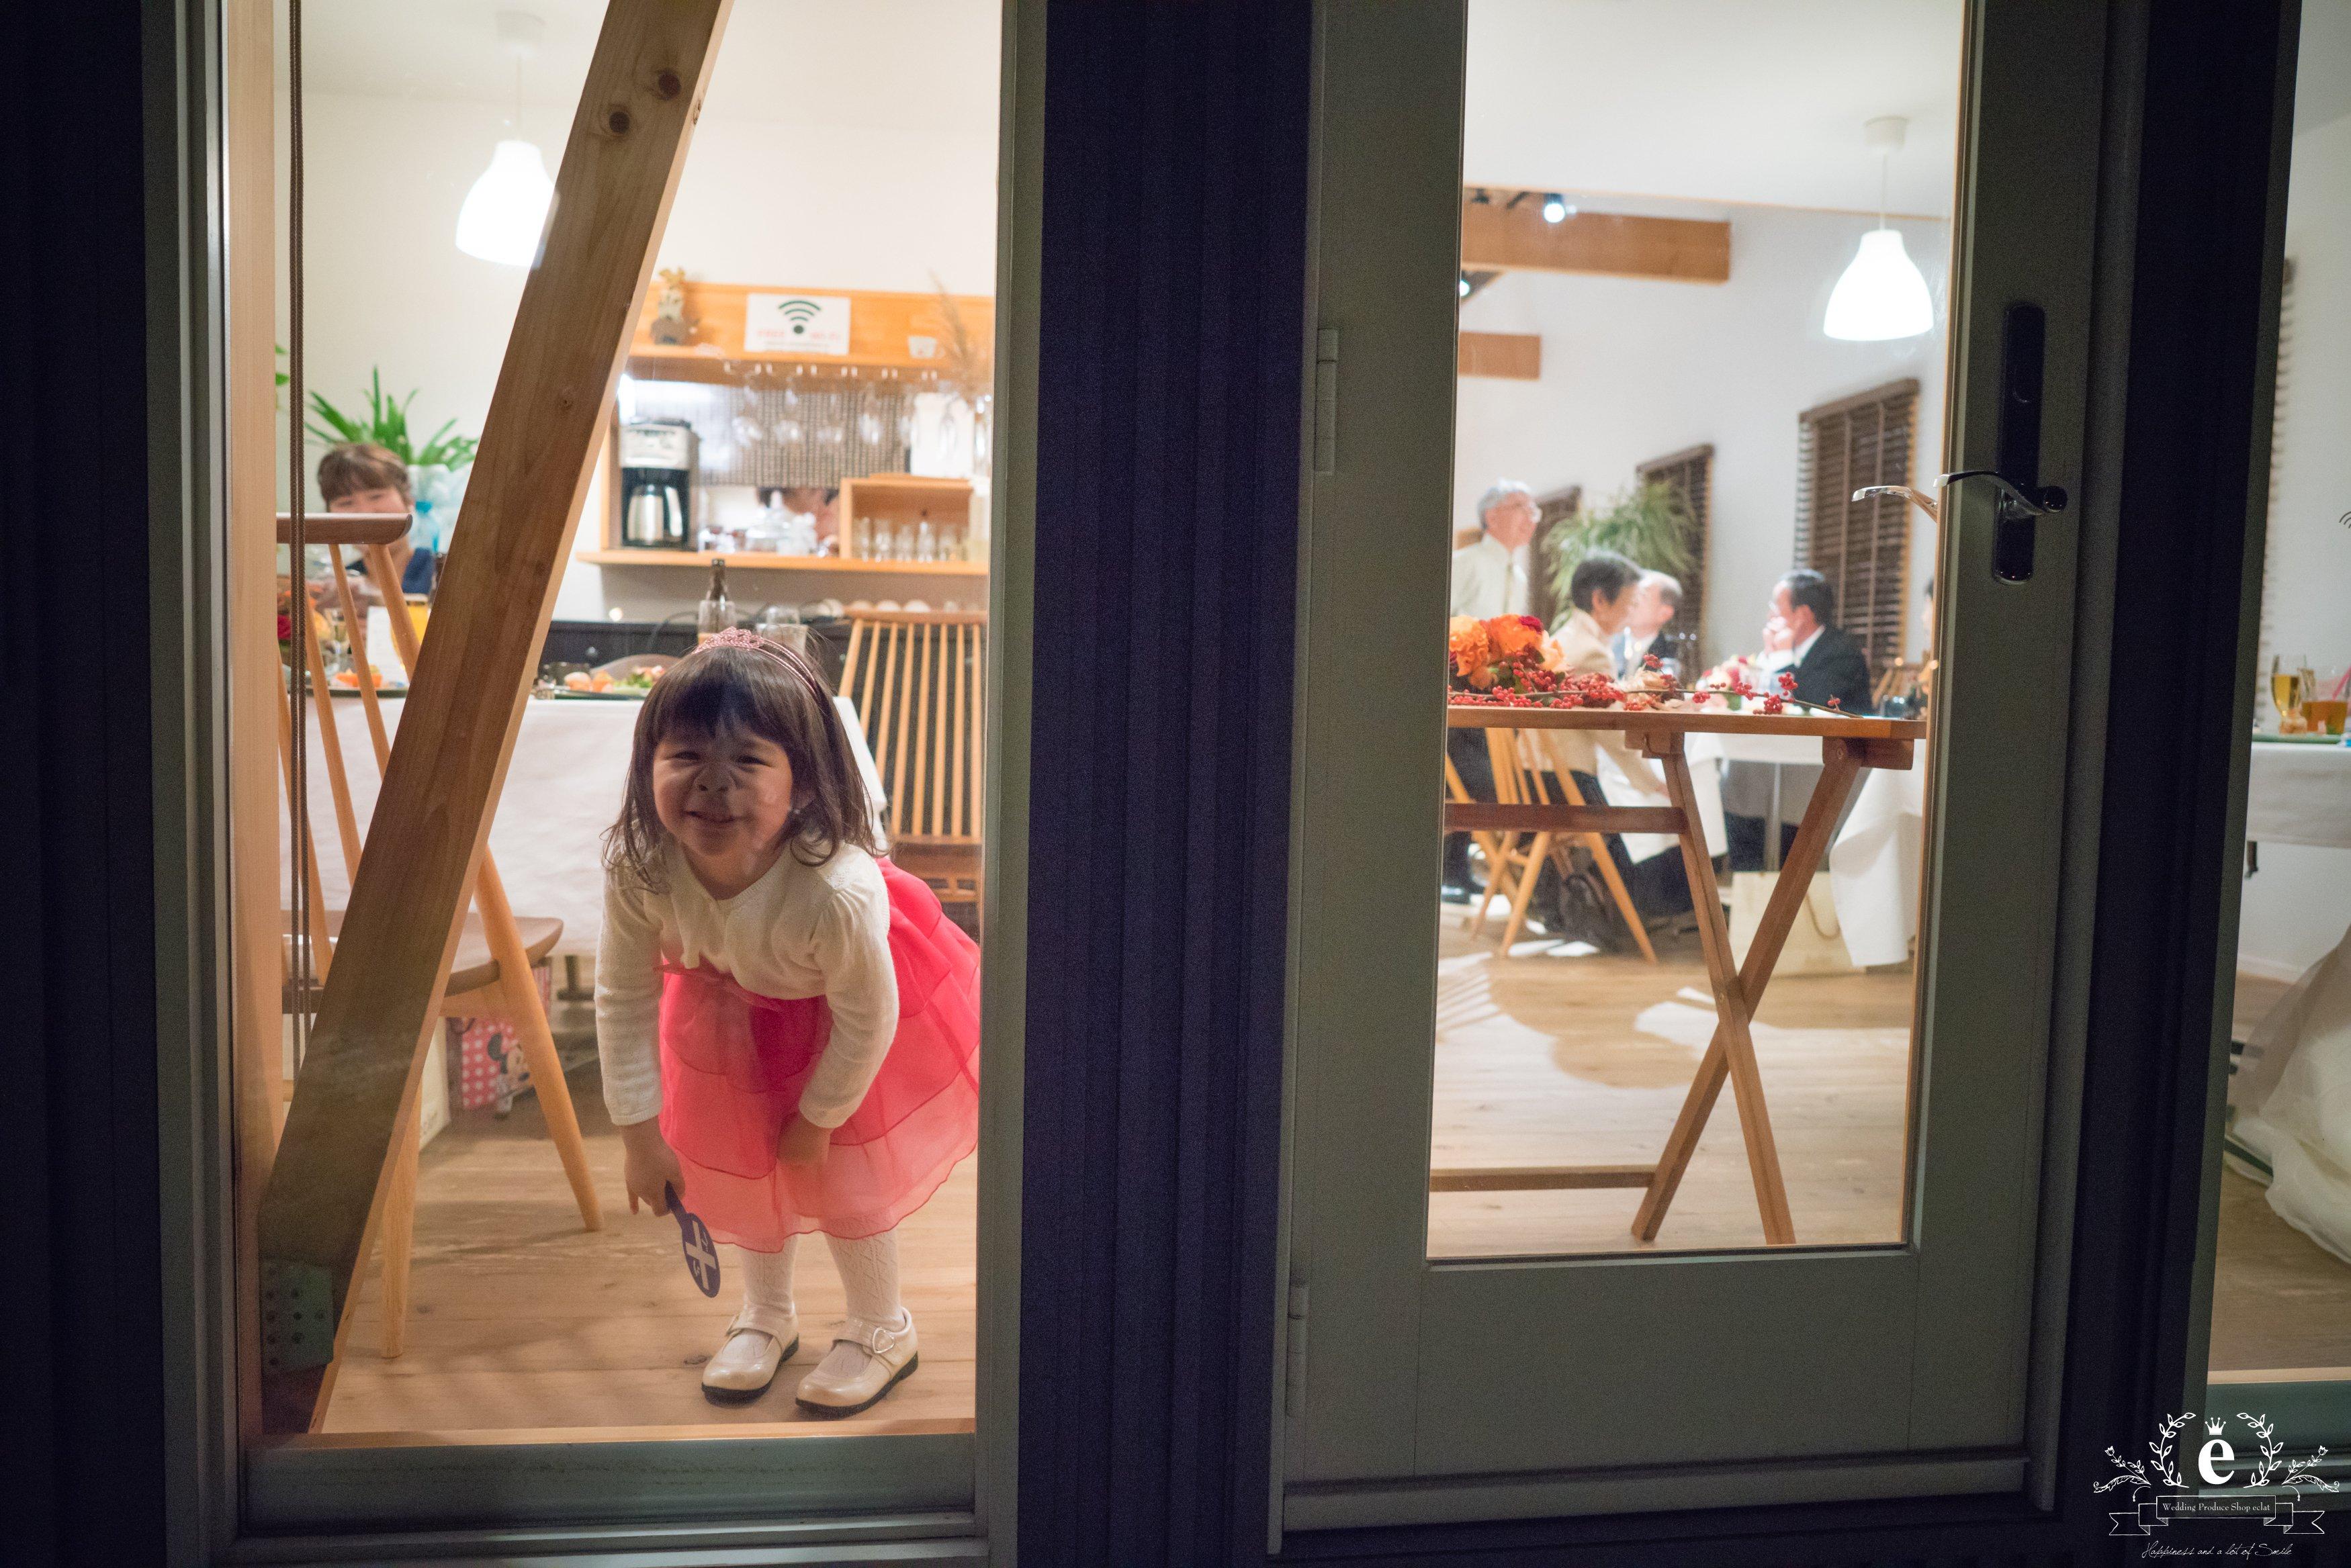 水戸-日立-ウェディング-レストラン-少人数-親族-うのしまヴィラ-海-浜辺-カフェ-エクラ-オリジナル-人前式-会食-自由-手作り-ステイウェディング